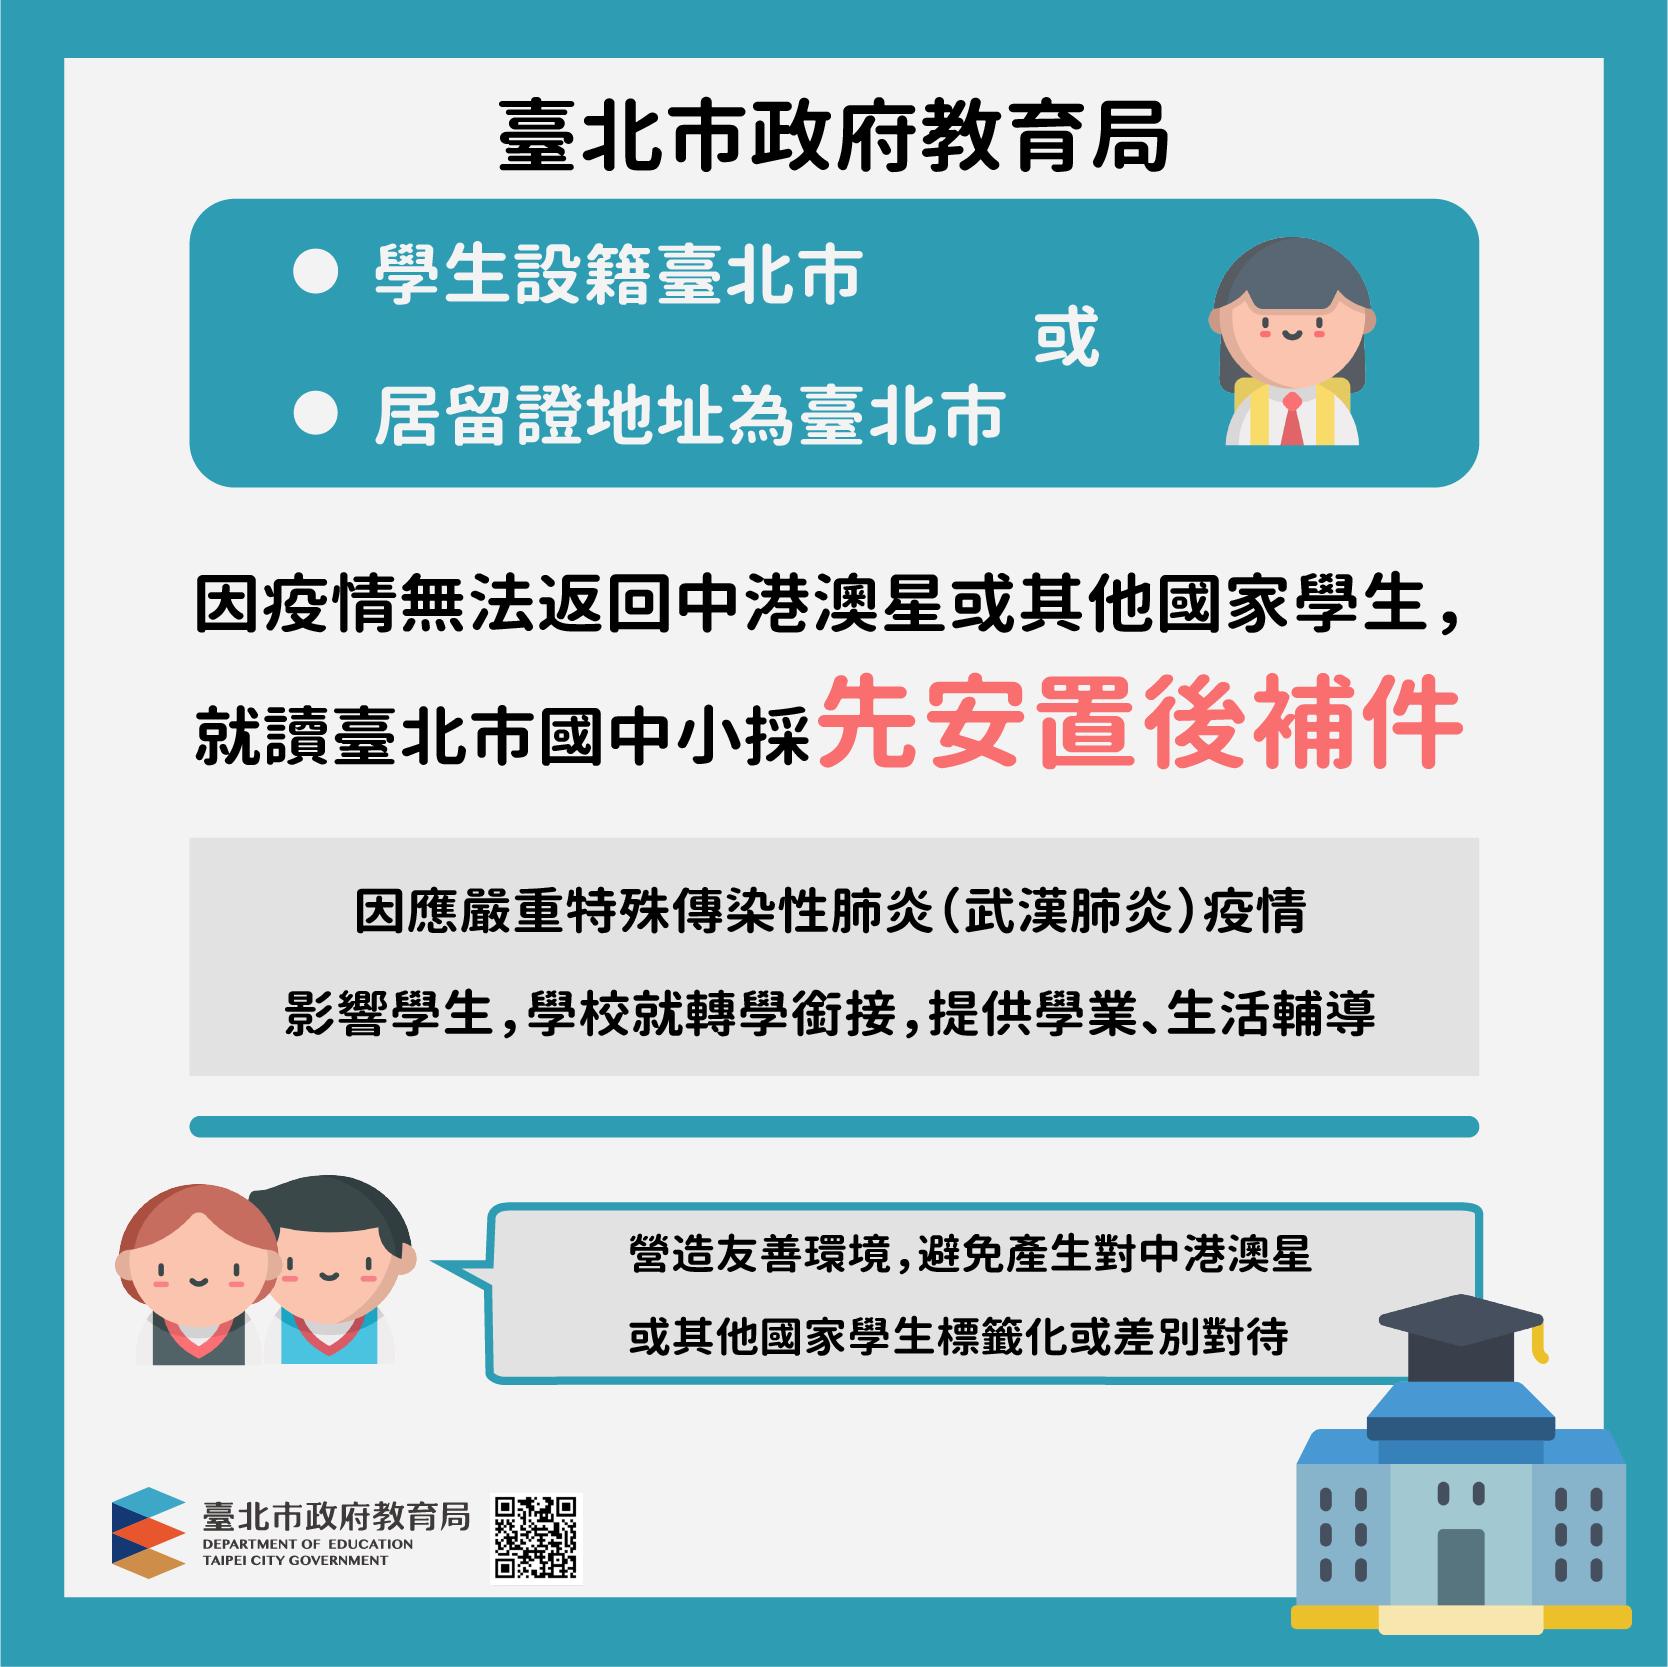 臺北市政府教育局-因疫情無法返回中港星澳學生處理方式宣導海報